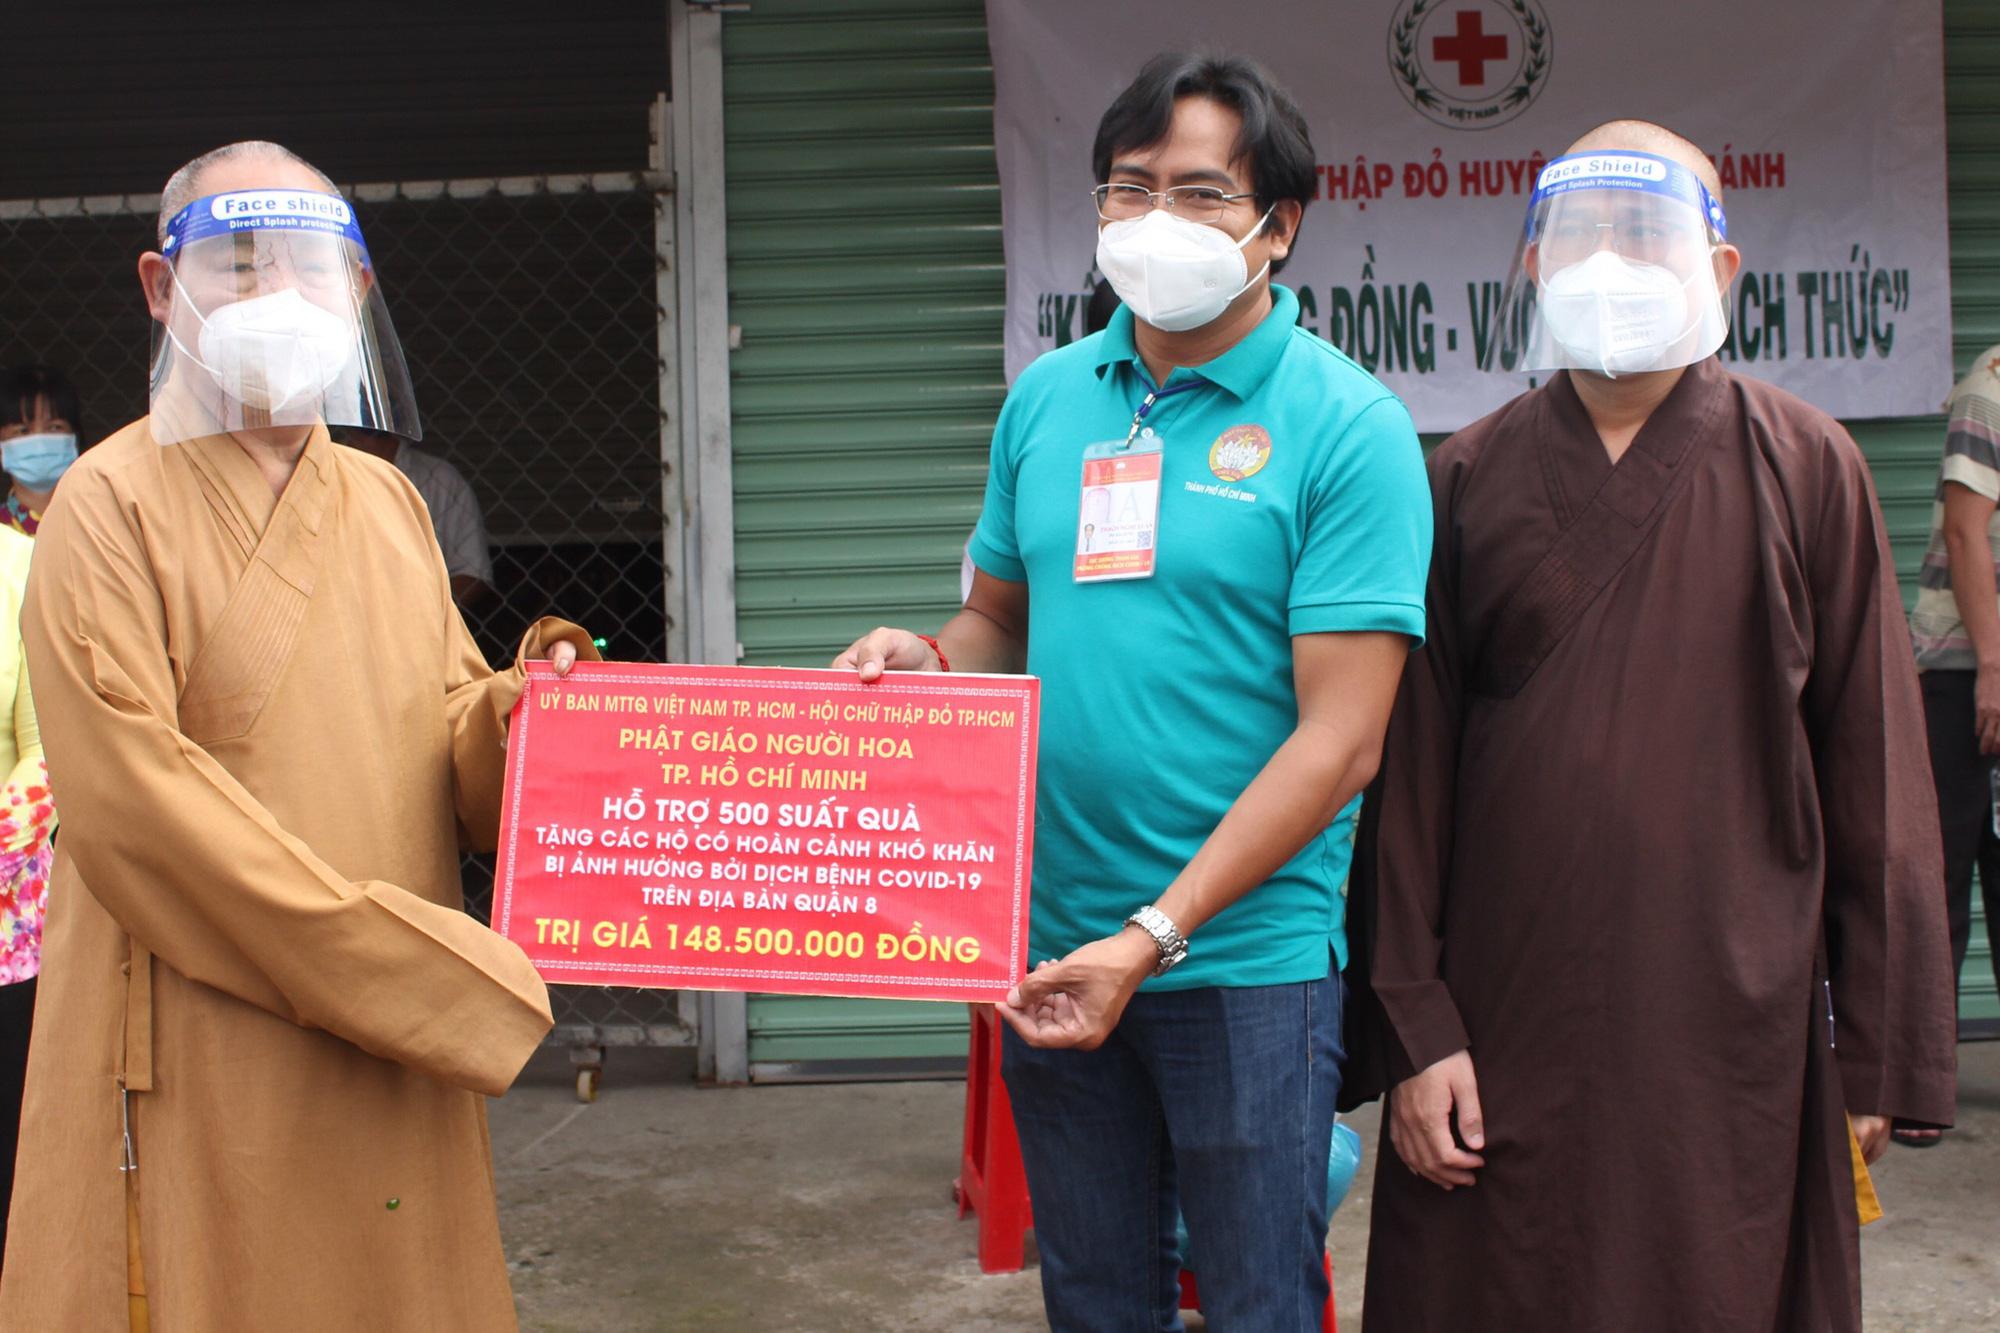 """Bình Chánh (TP.Hồ Chí Minh): Trao tặng 550 """"Túi an sinh"""" đến người lao động có hoàn cảnh khó khăn - Ảnh 2."""